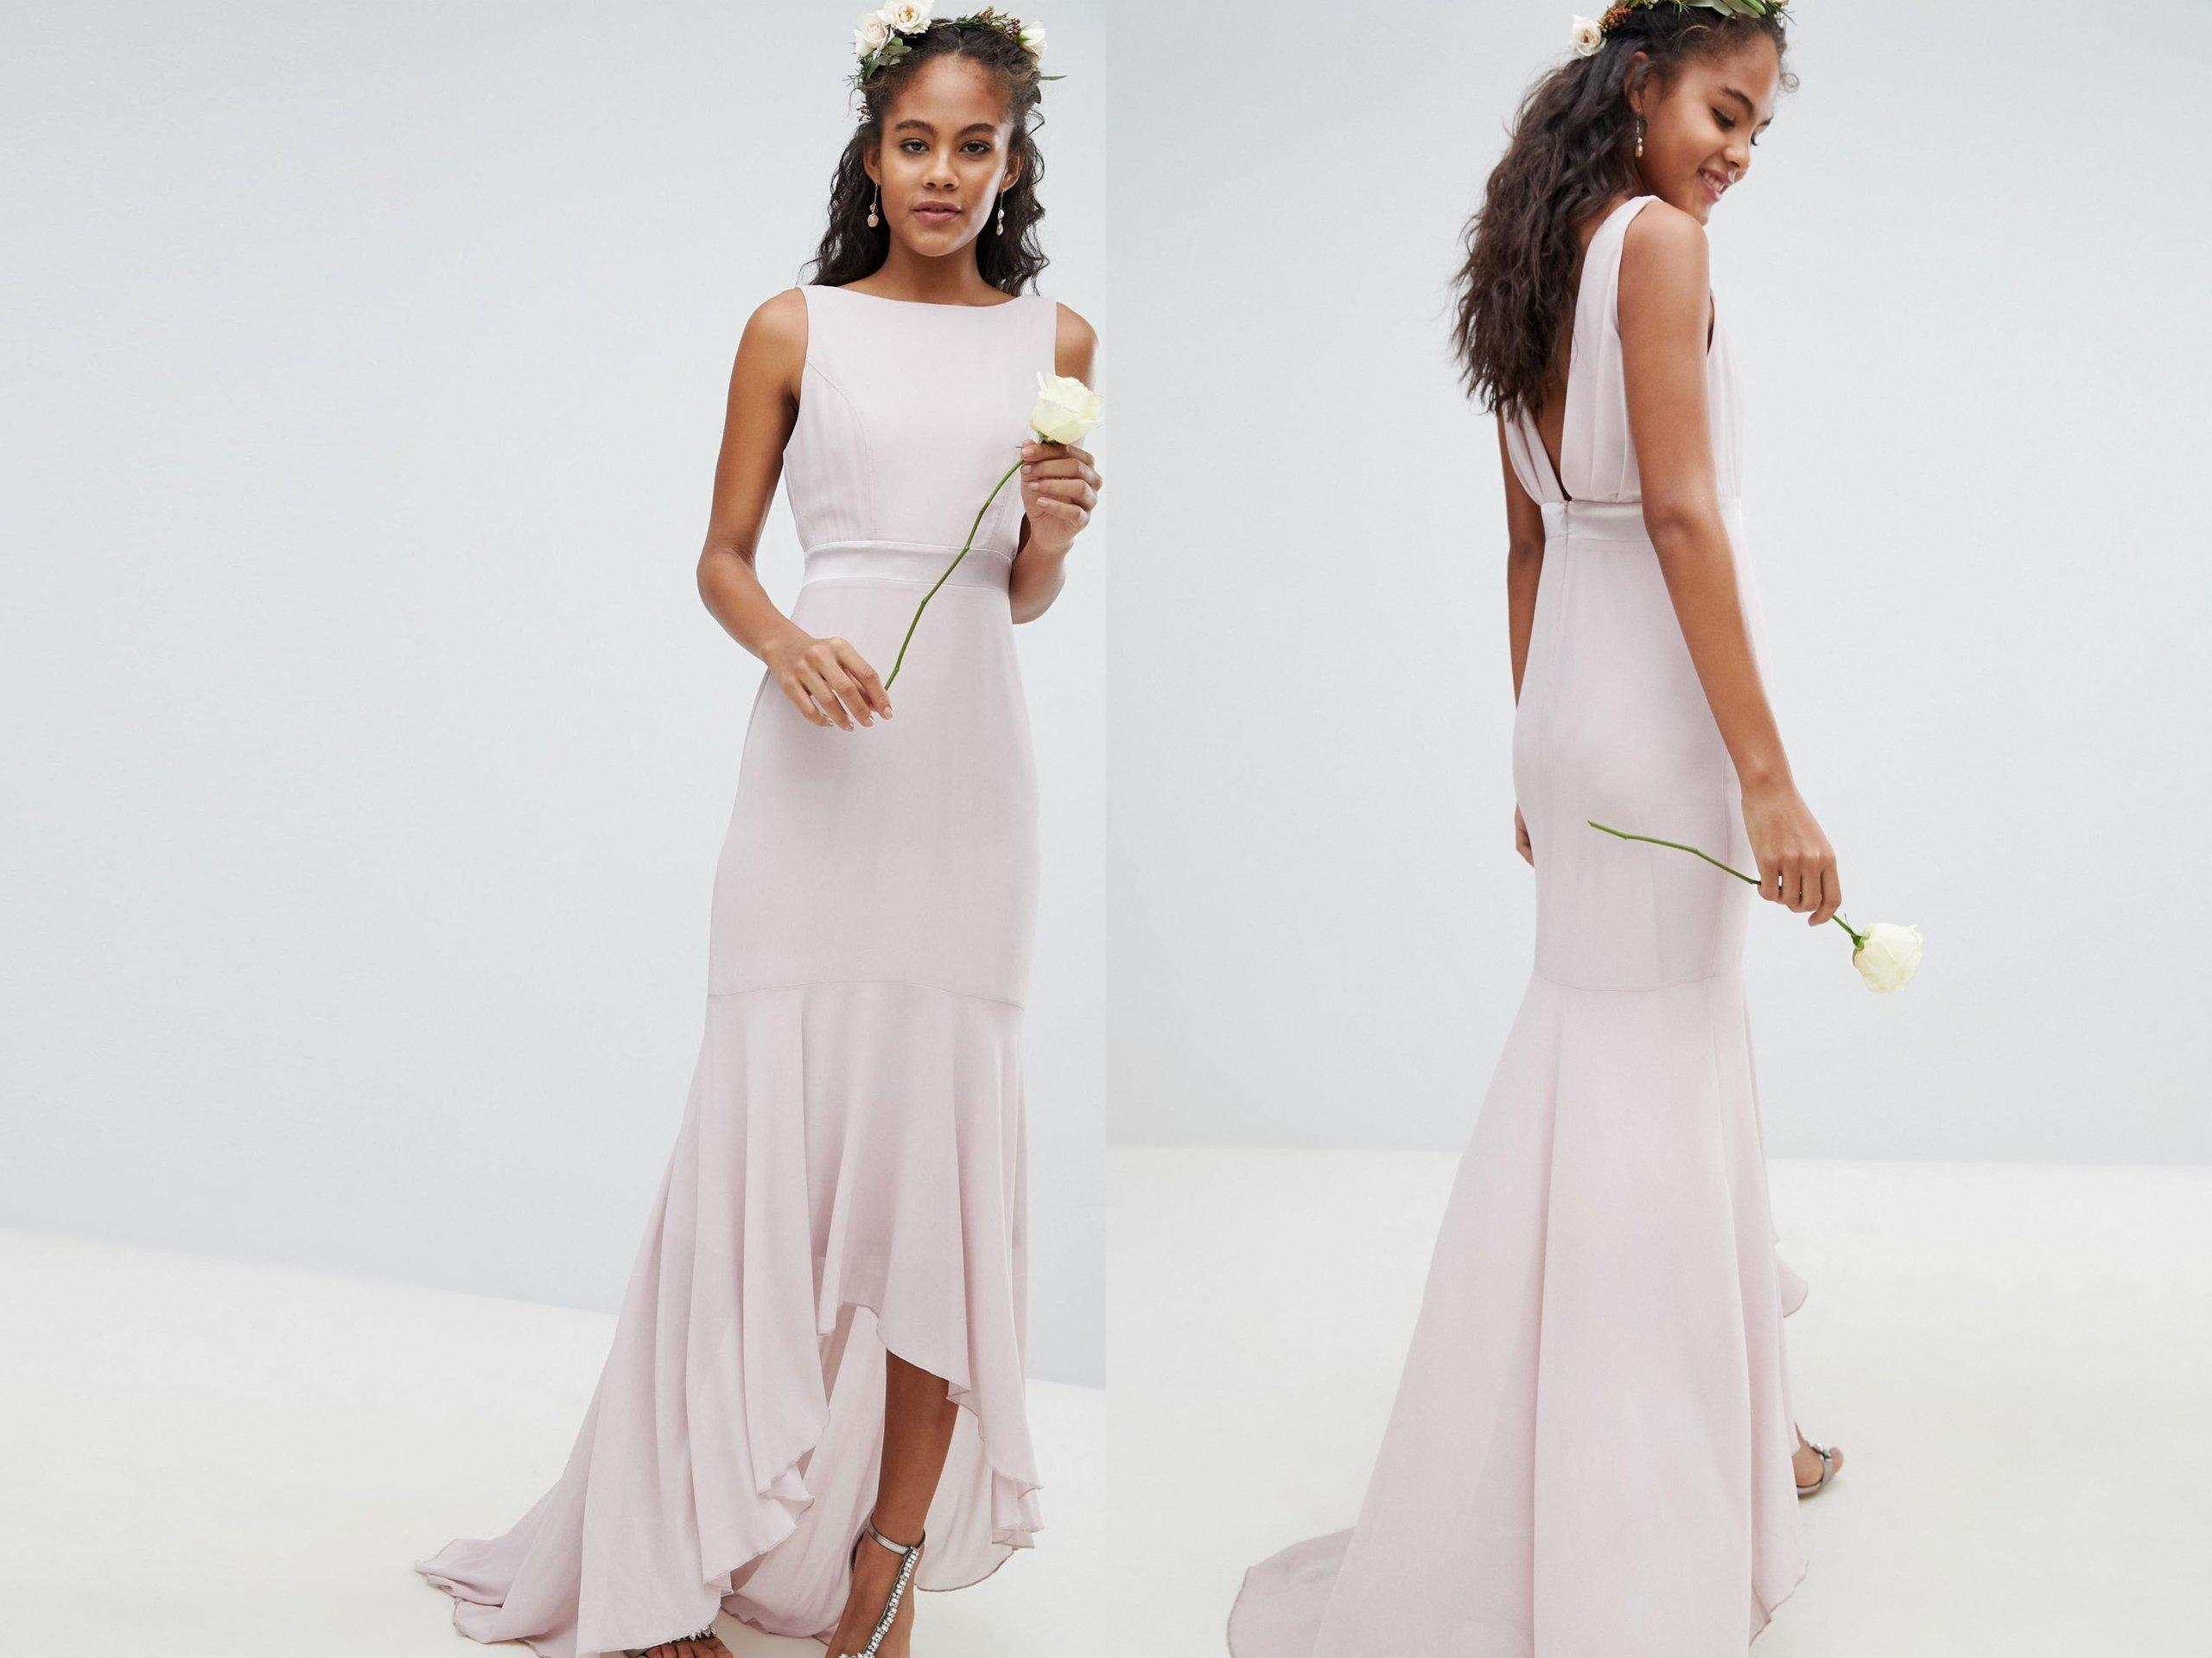 8e365cf13a Fioletowa asymetryzna sukienka S 36 - 7284189620 - oficjalne ...